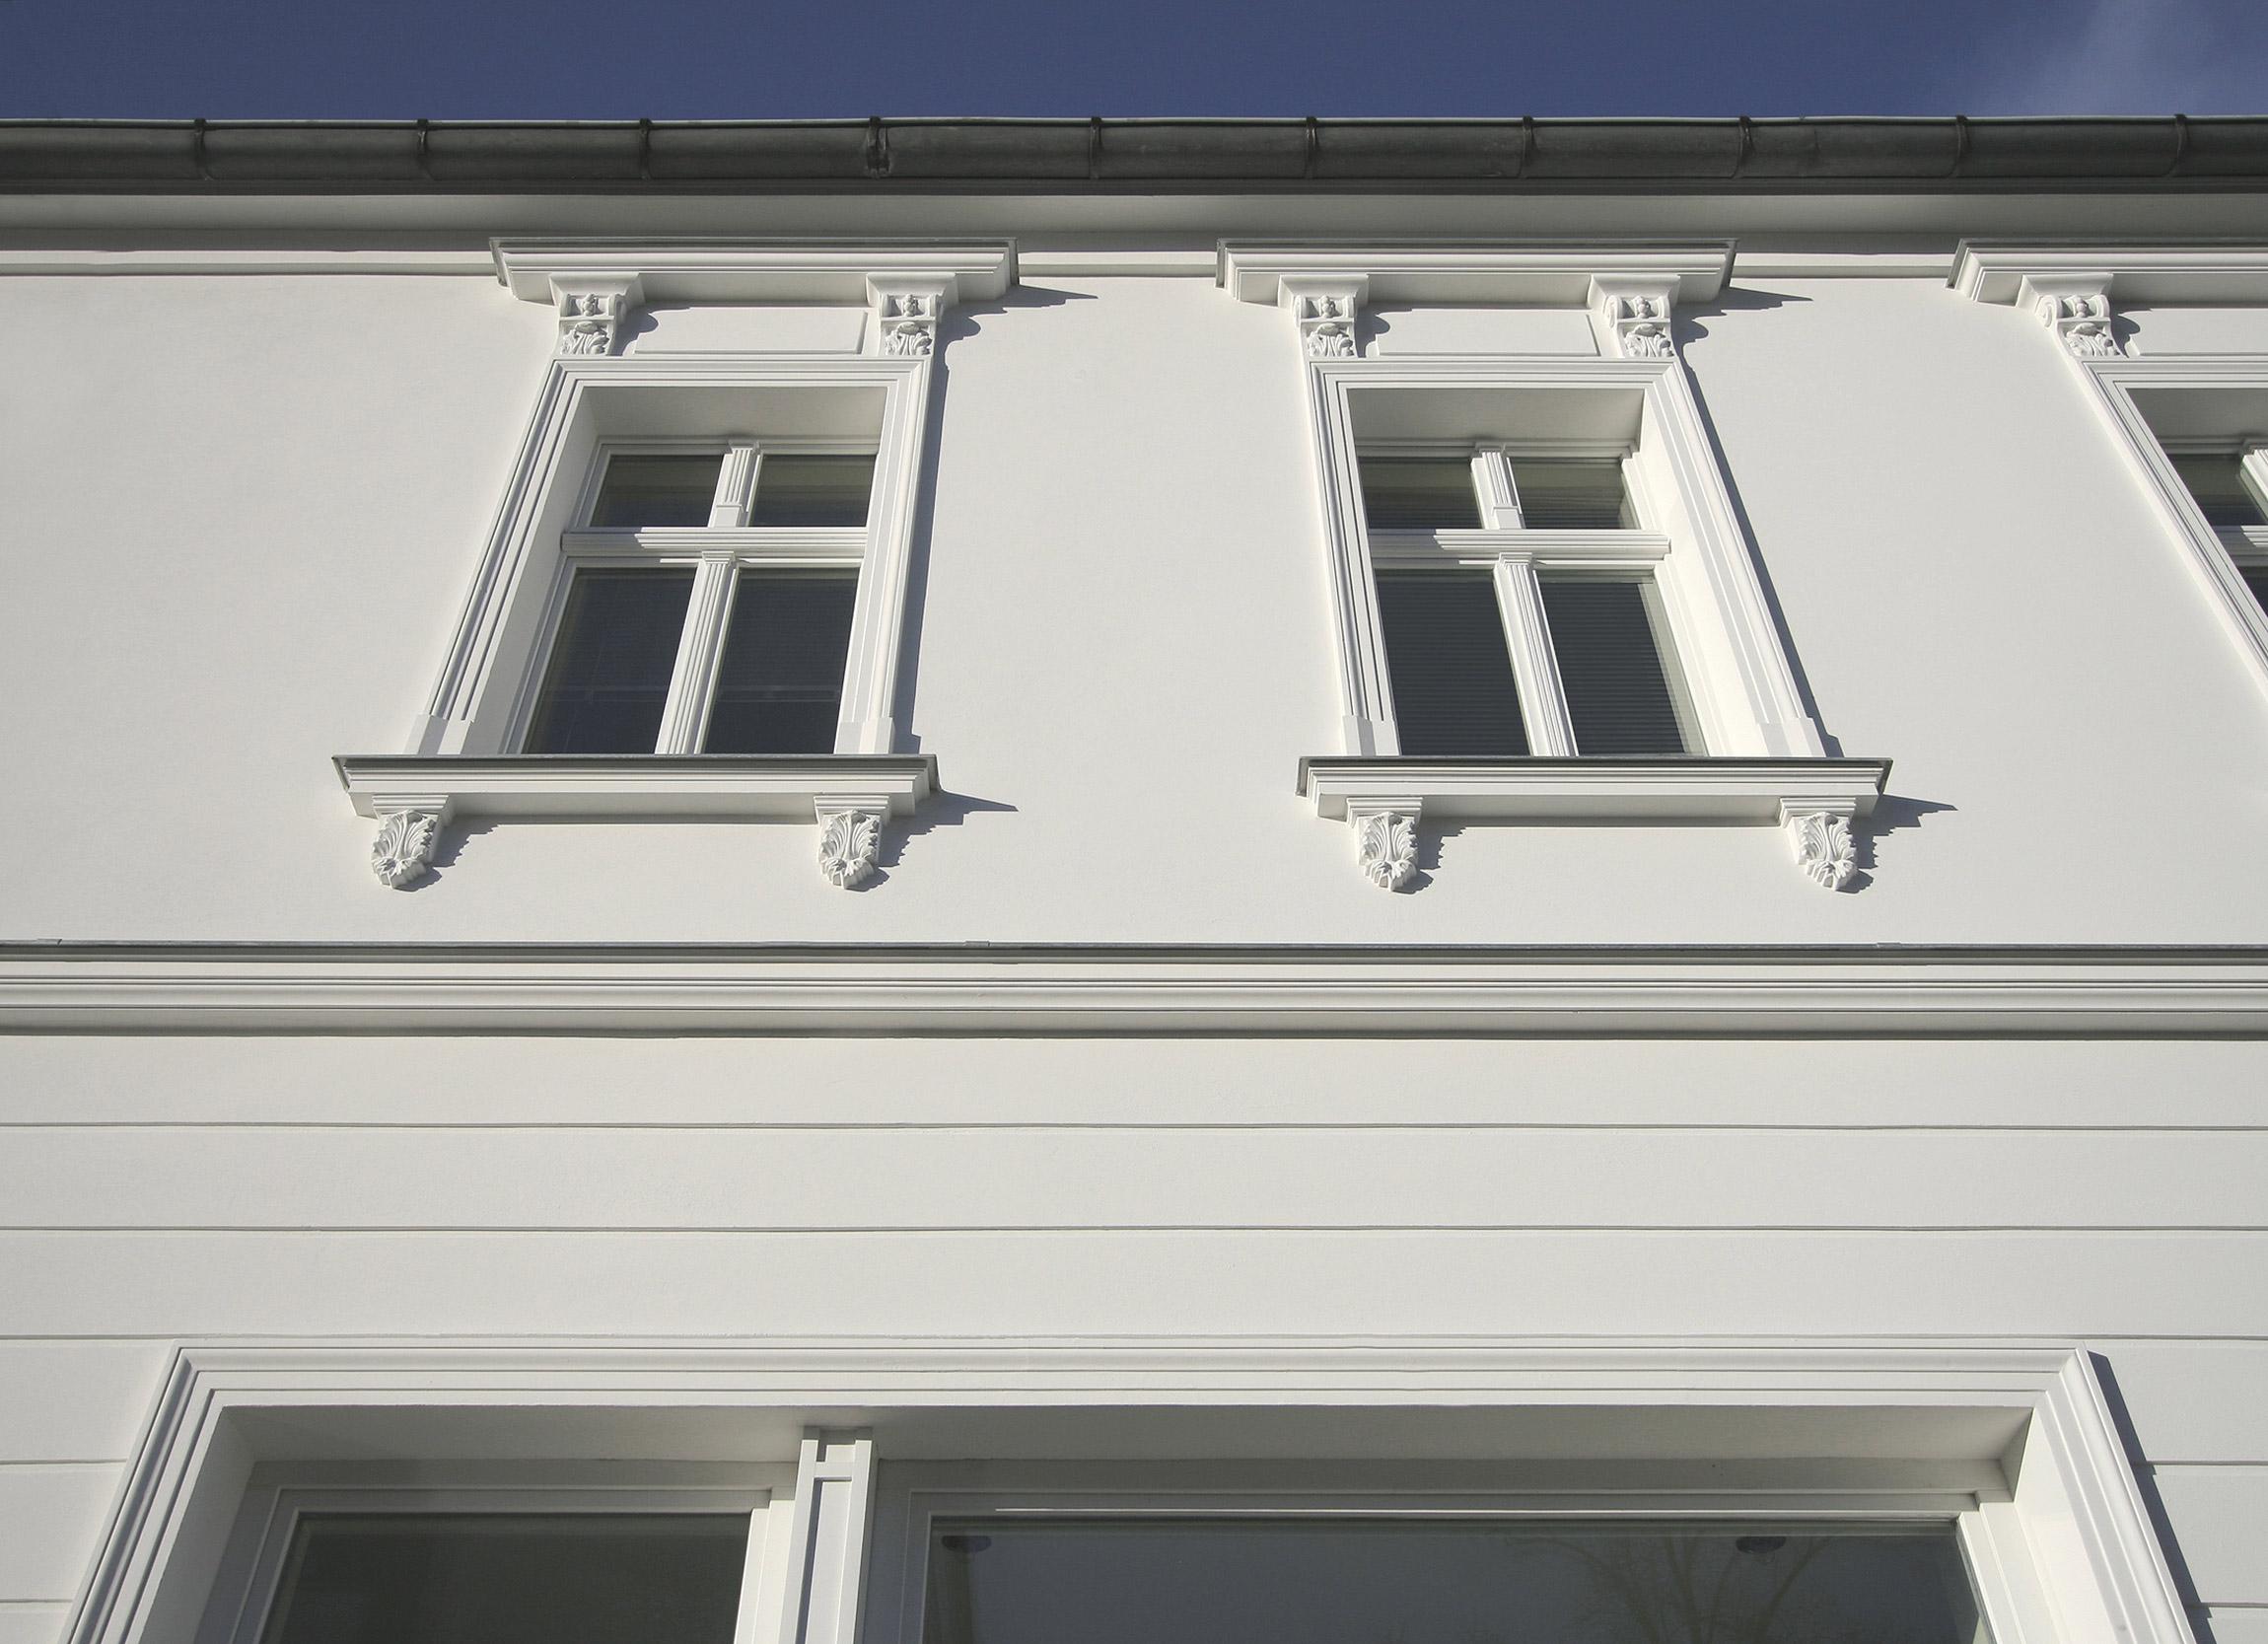 Fassadendetail mit Fensterverdachungen mit Stuckmörtel in Handarbeit hergestellt